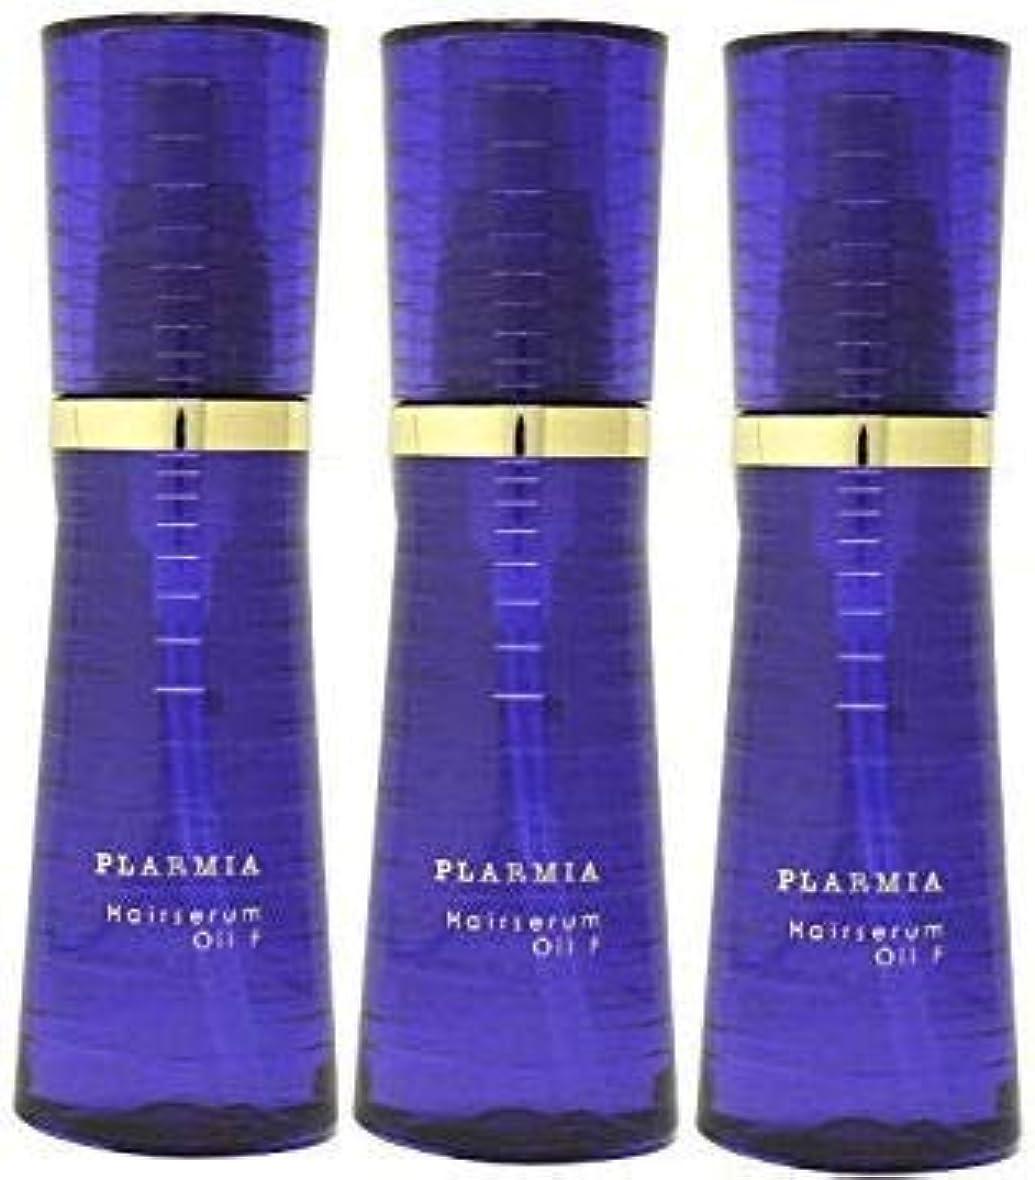 感情のまっすぐにする漏れ【3個セット】プラーミア ヘアセラムオイル F 120mL